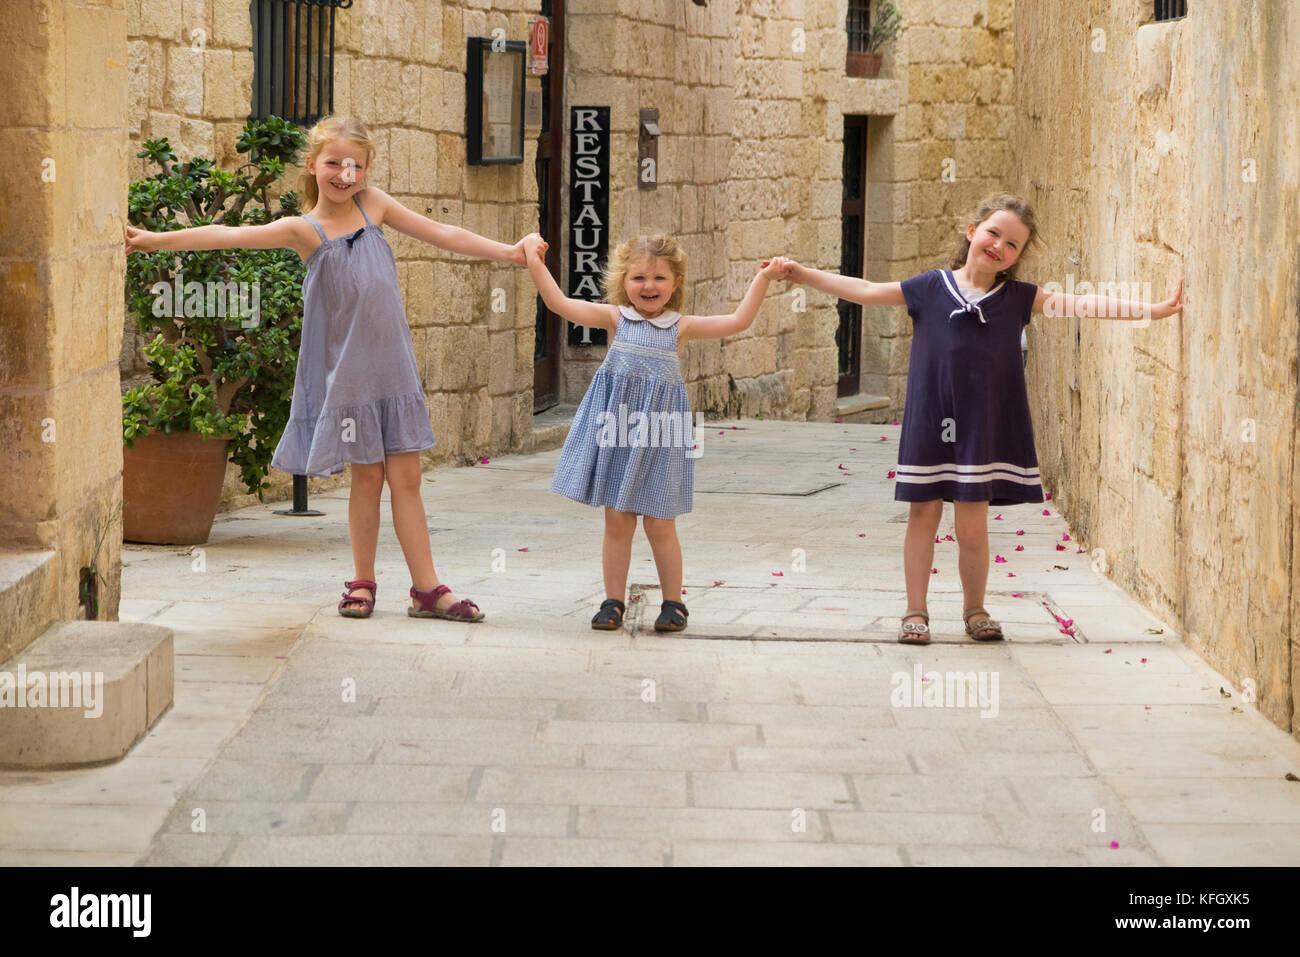 Trois jeunes sœurs / filles / Enfants / Enfants / enfant âgés de 7, 3 et 5 ans, sur des vacances en famille, Photo Stock